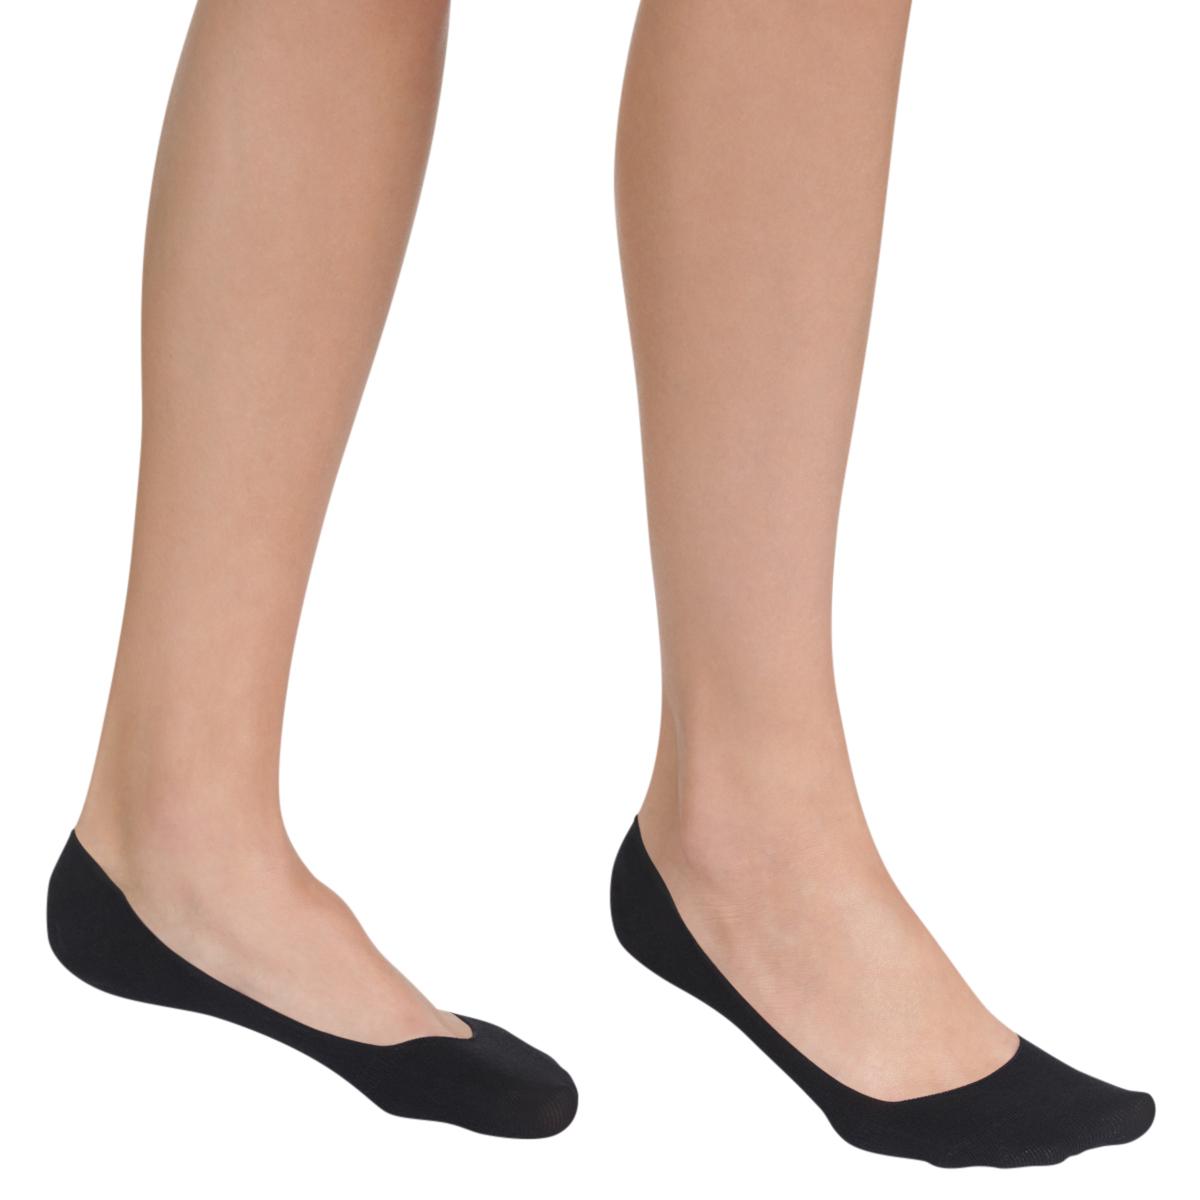 9b234a96d0b07 Lot de 2 socquettes invisibles noires Light Coton Femme